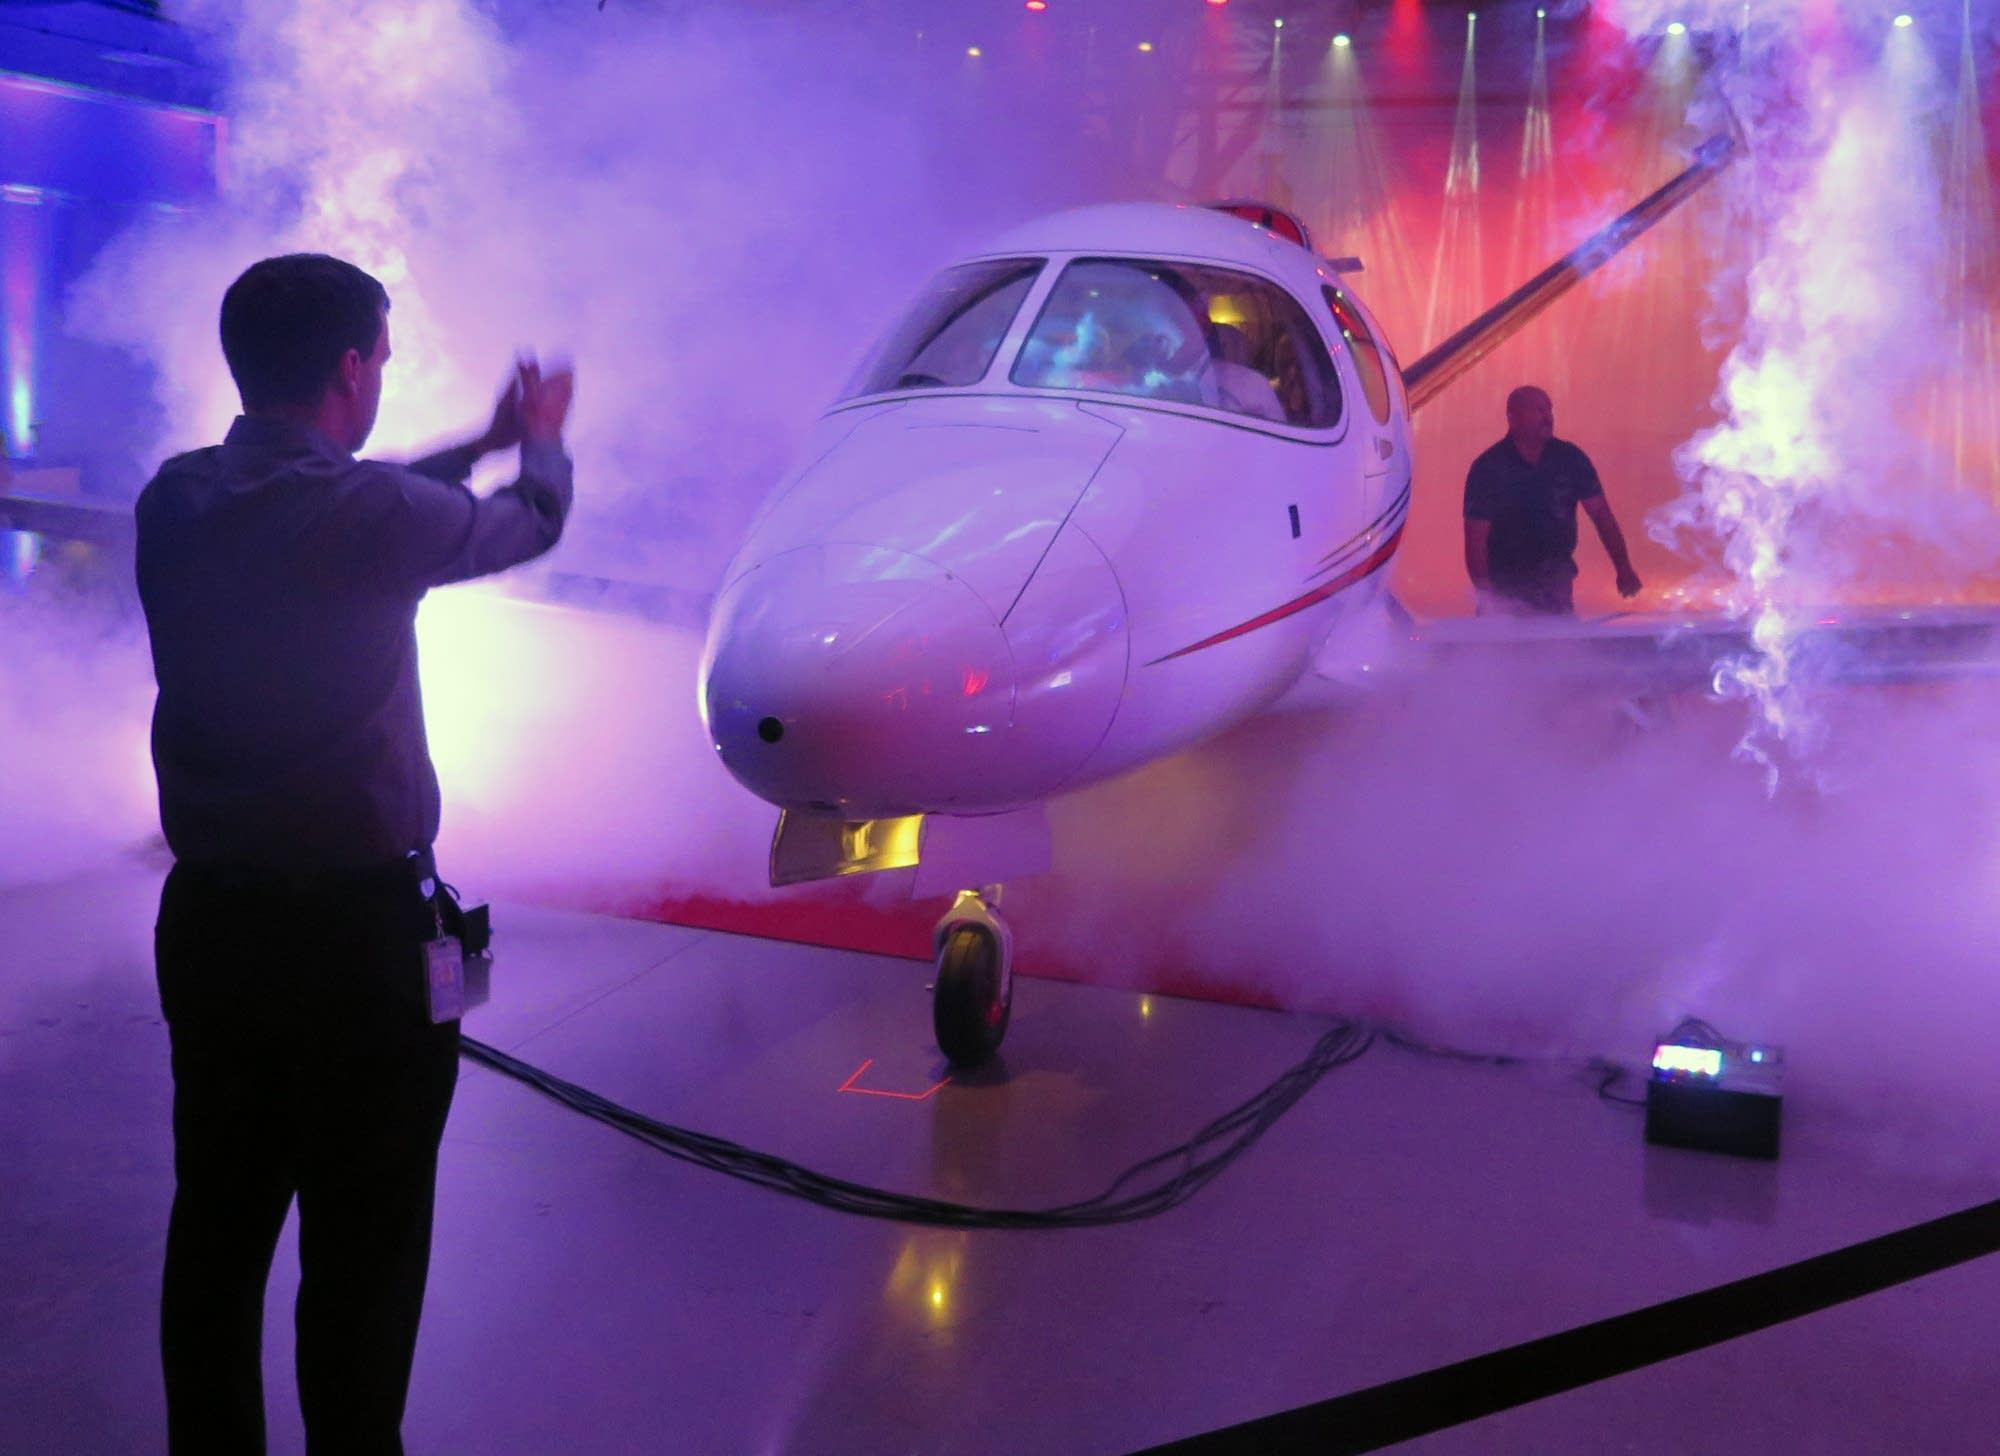 Cirrus unveils the Vision Jet